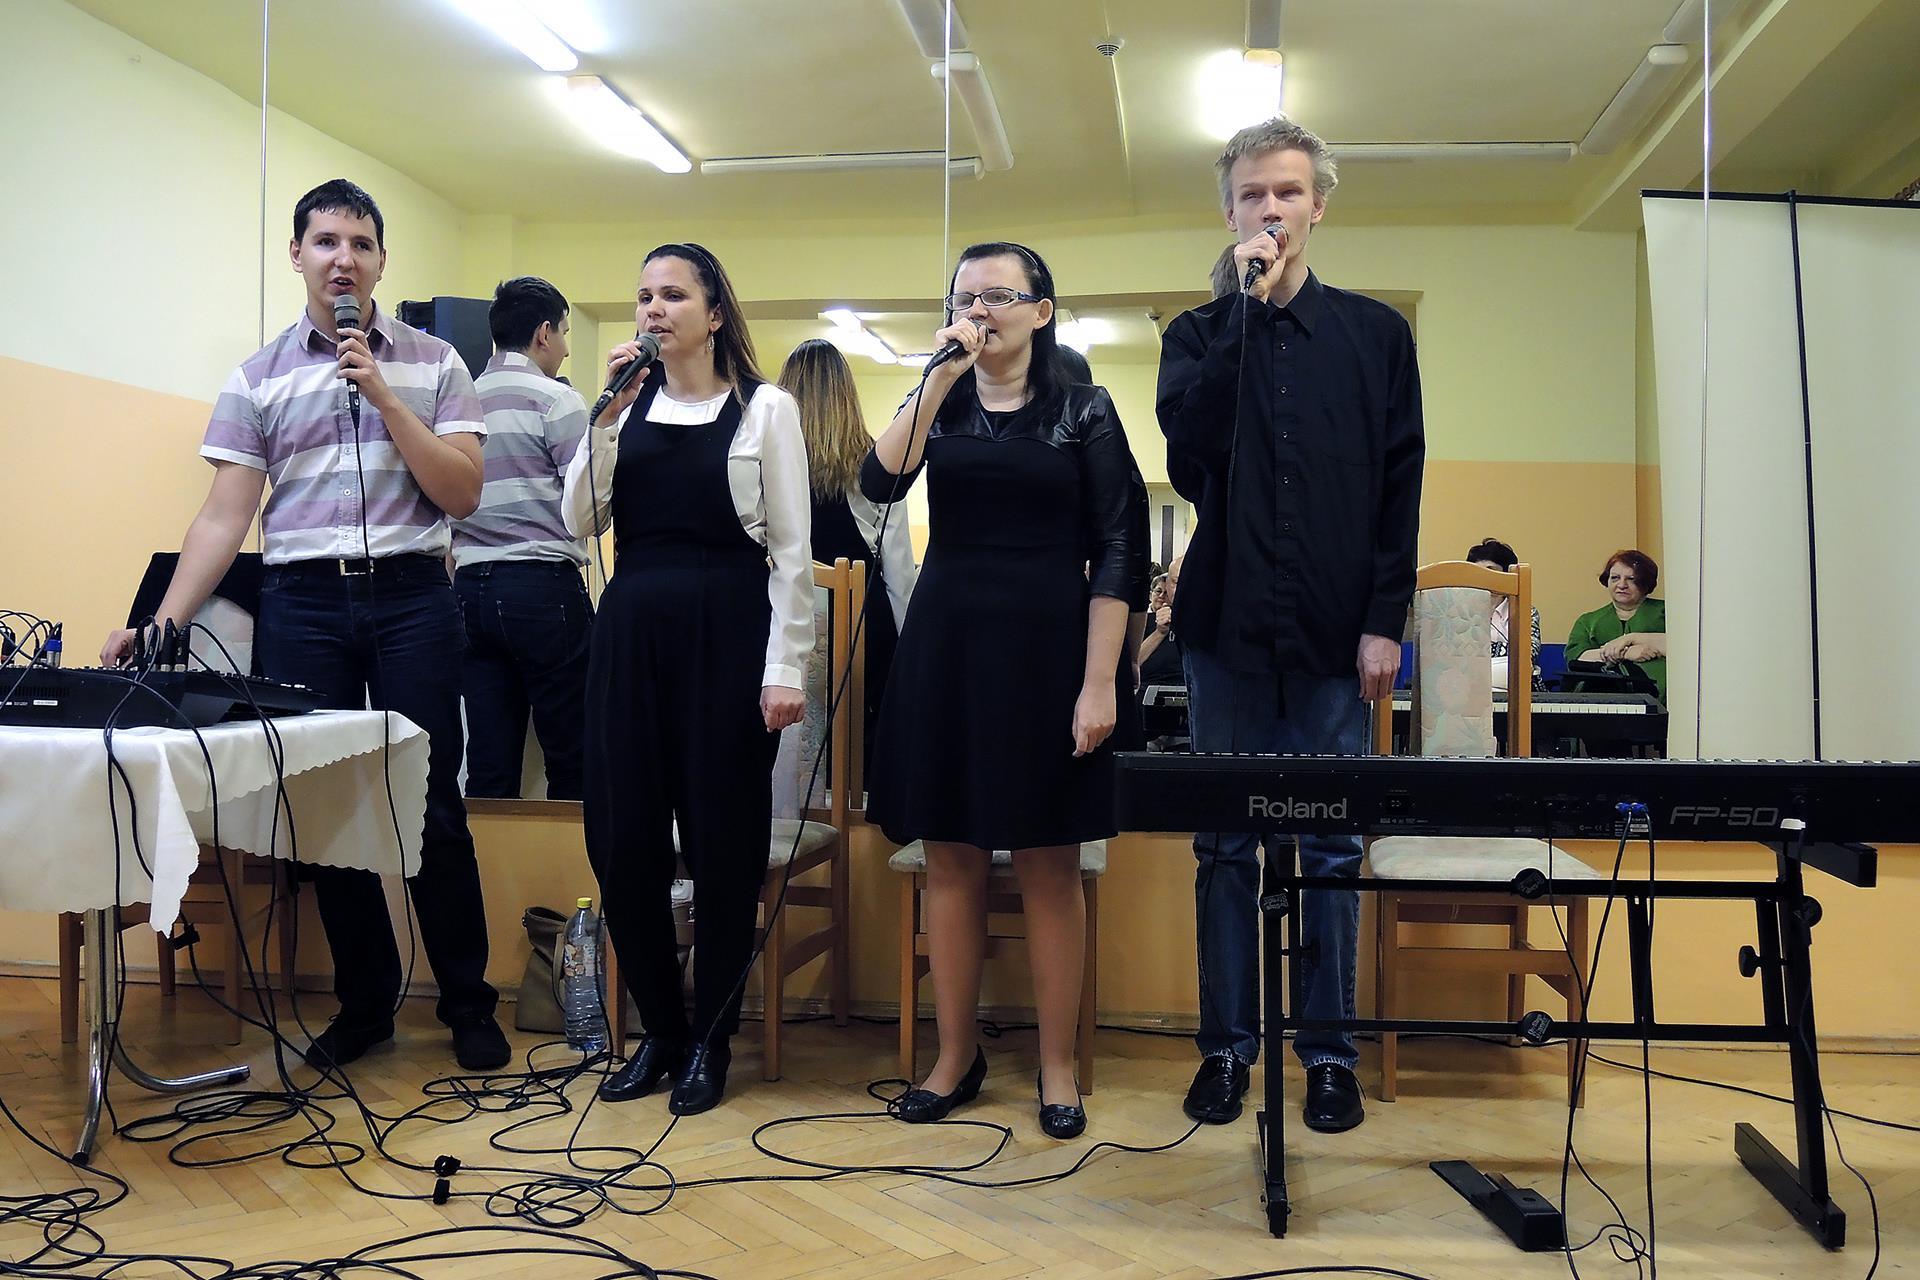 Cztery osoby (dwóch mężczyzn i dwie kobiety) stoją na tle ściany z luster, śpiewają. Przed mężczyzną, który stoi po prawej stronie stoi stolik a na nim mikser.  Przed mężczyzną, który stoi po lewej stoi statyw, a na nim klawisze. W odbiciu luster, które wiszą na ścianie widać kilka osób z publiczności.